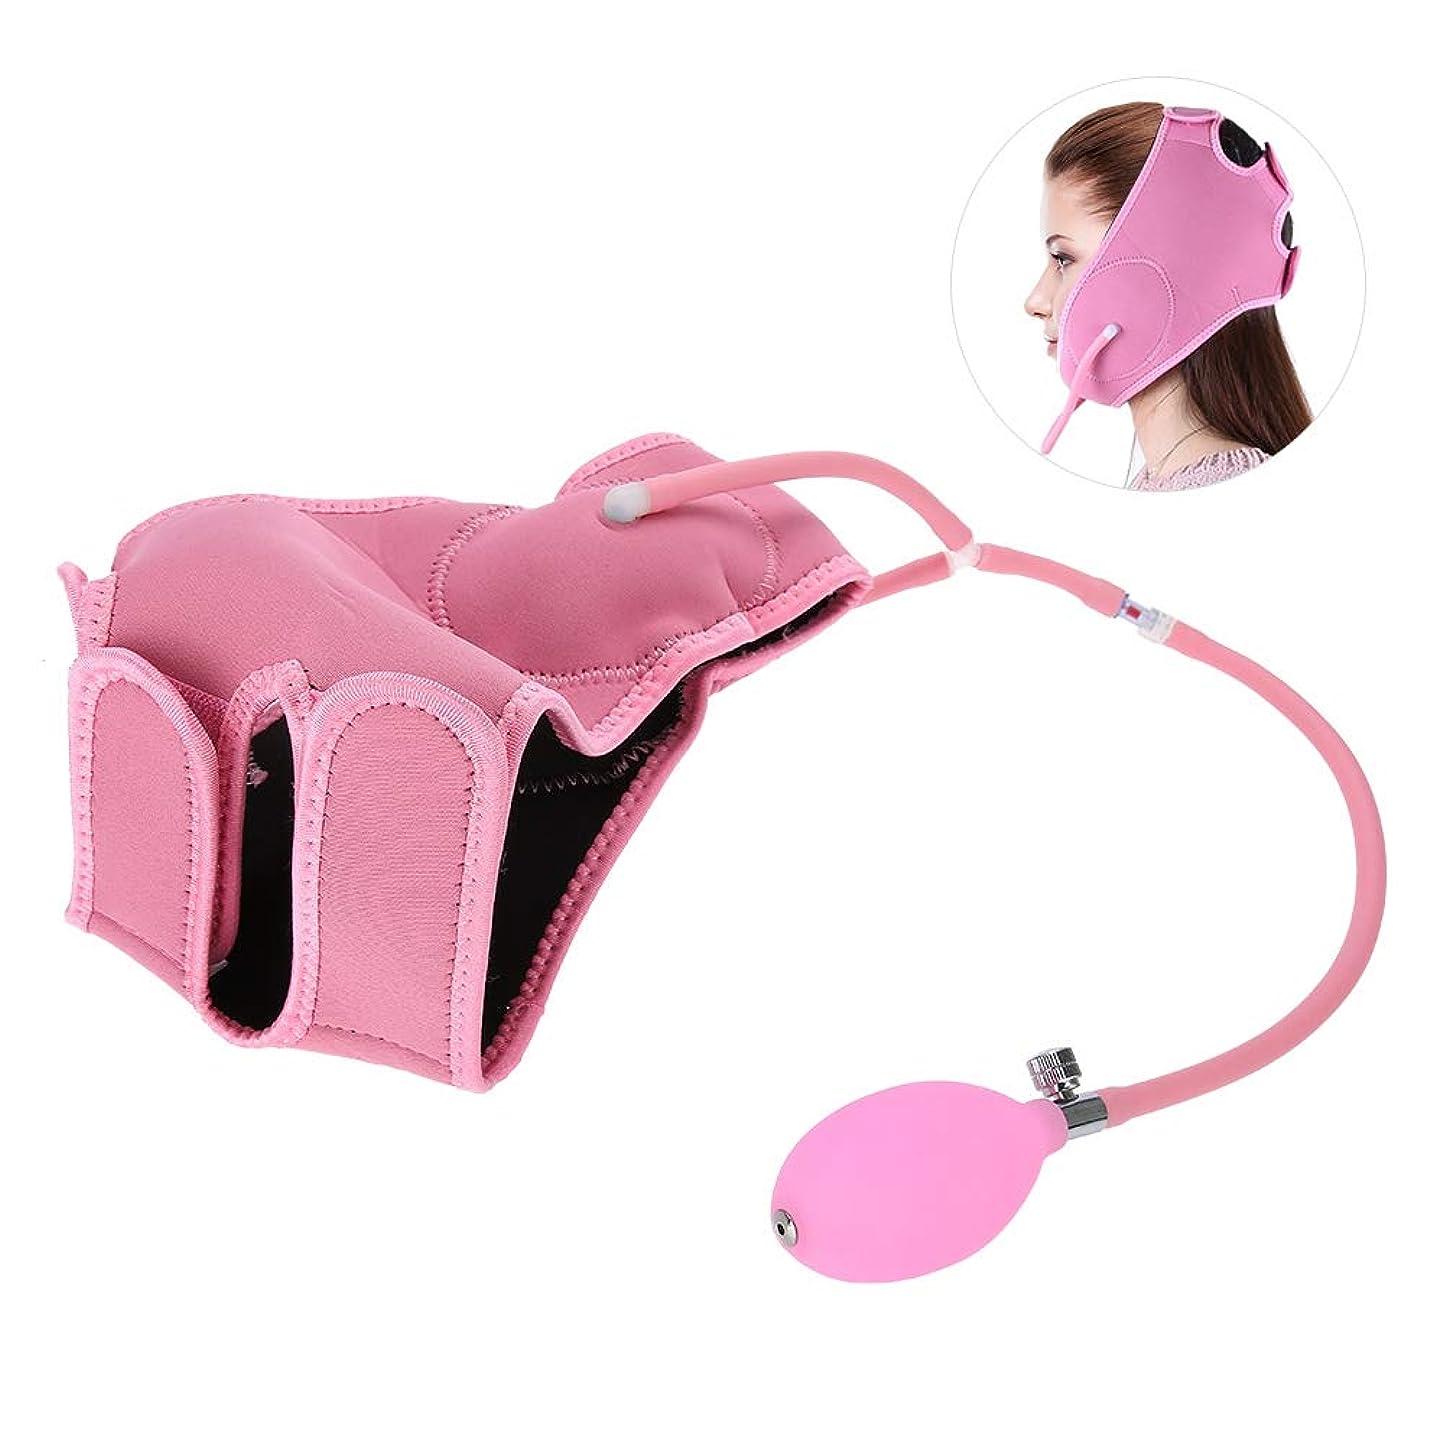 シャープ富豪ファイターエアバッグ、美顔術および細くおよび顔の持ち上がることのための是正包帯が付いている顔の修正マスク